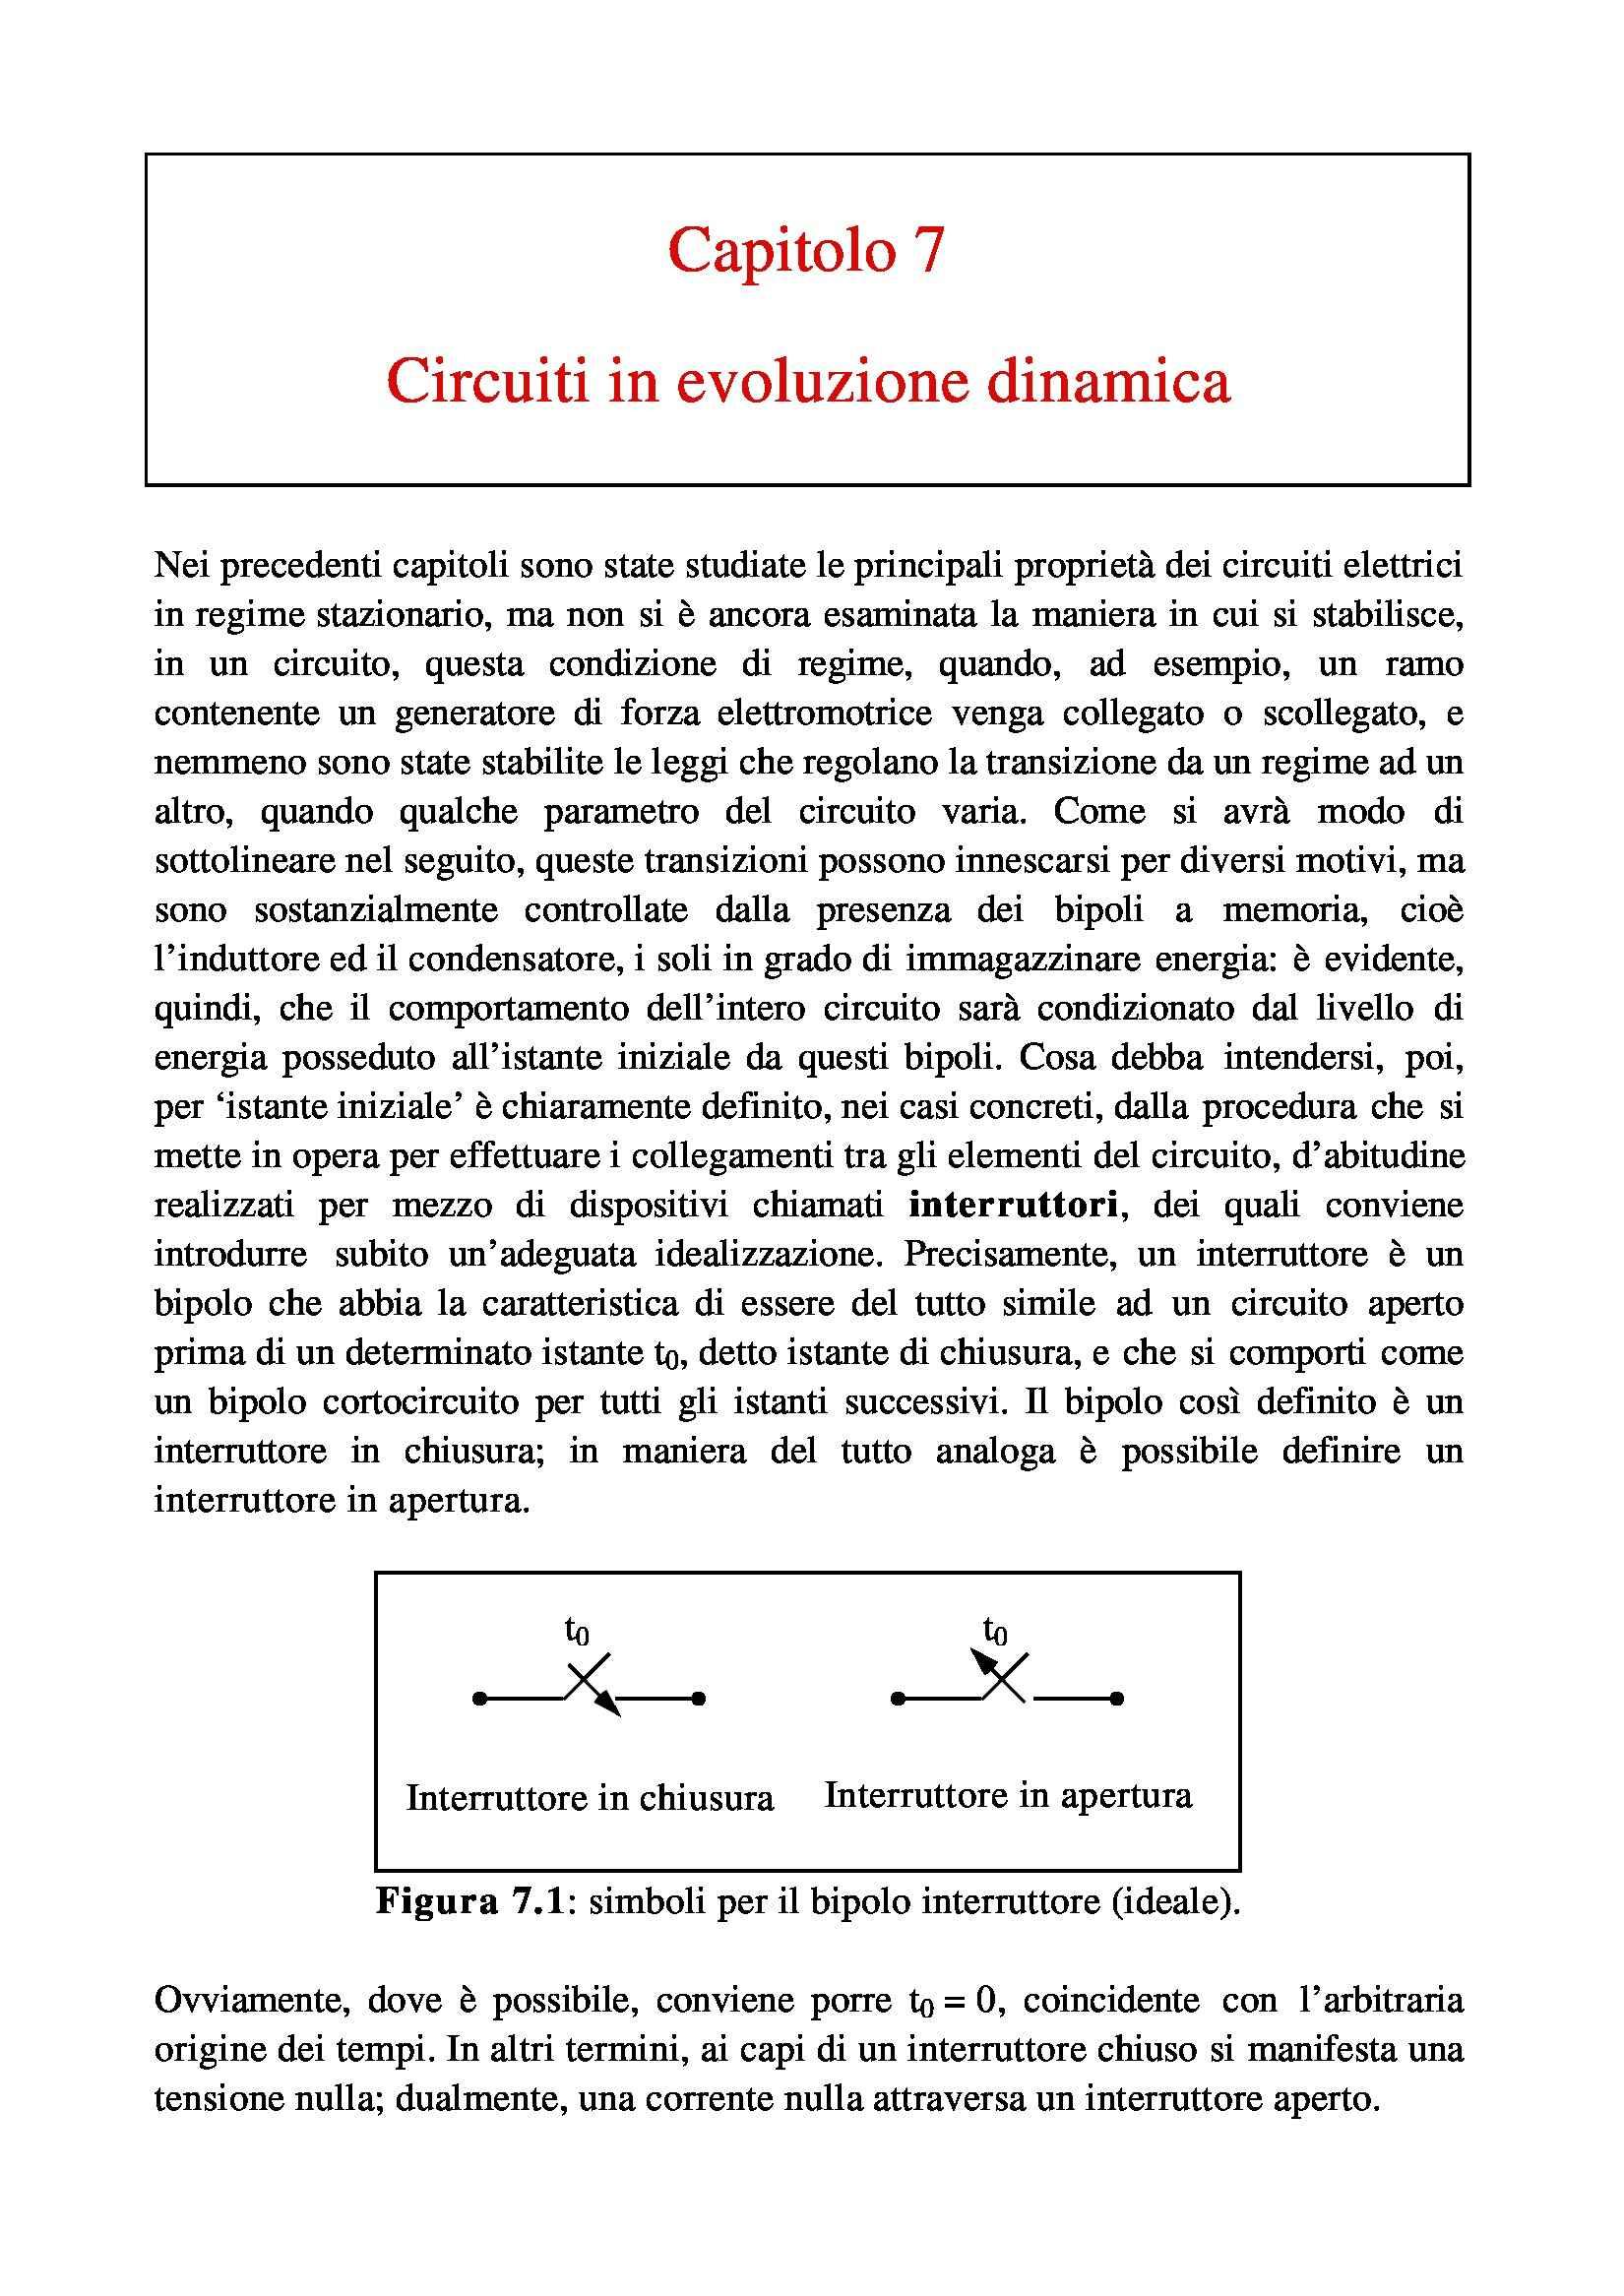 Elettrotecnica - i circuiti in evoluzione dinamica